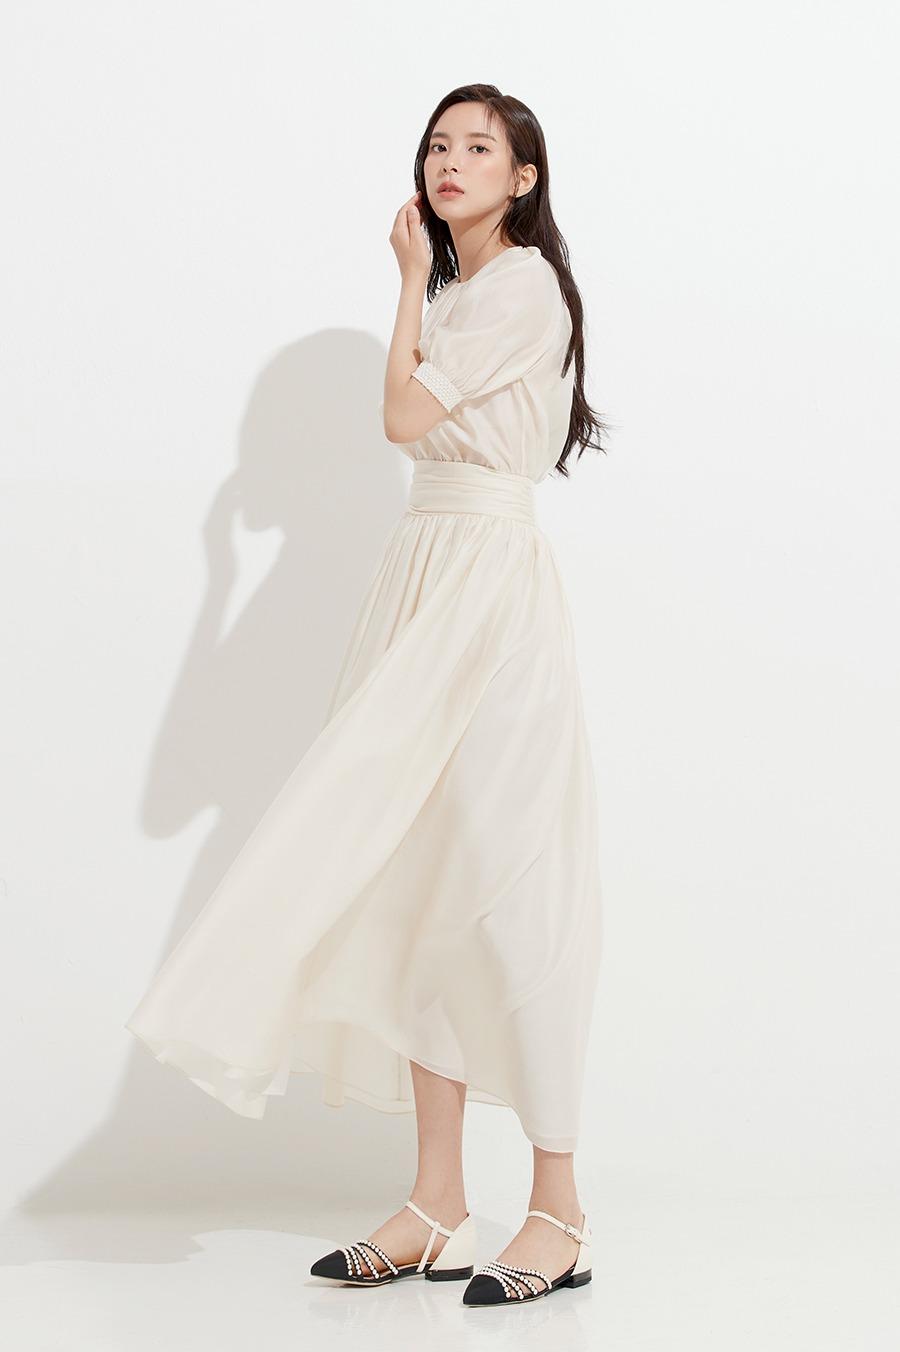 NO.4 DRESS - CREAM